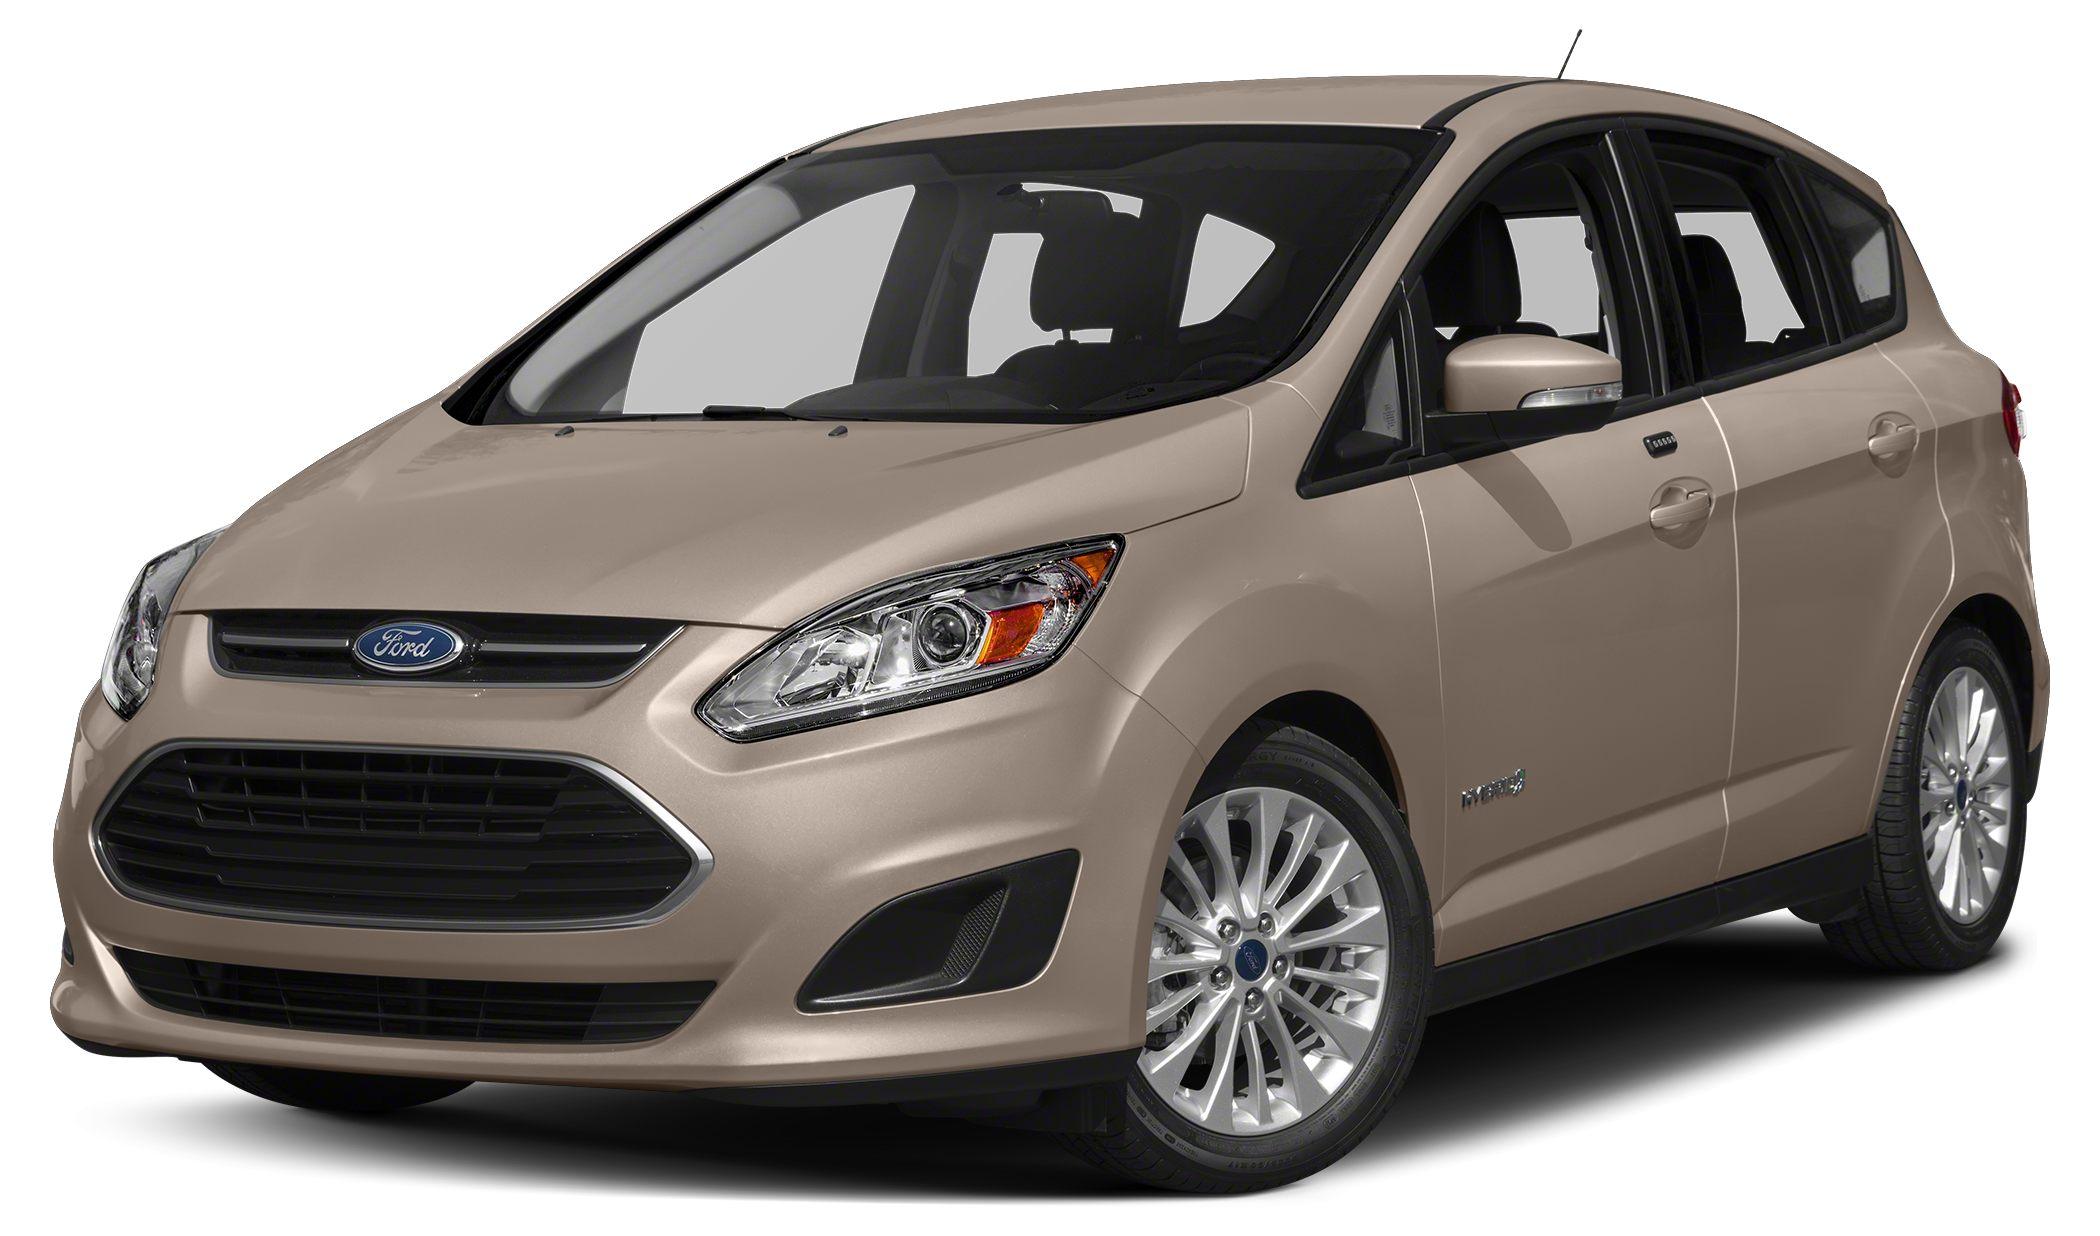 2018 Ford C-Max Hybrid Titanium 2018 Ford C-Max Hybrid Titanium 3842 HighwayCity MPG Price inclu